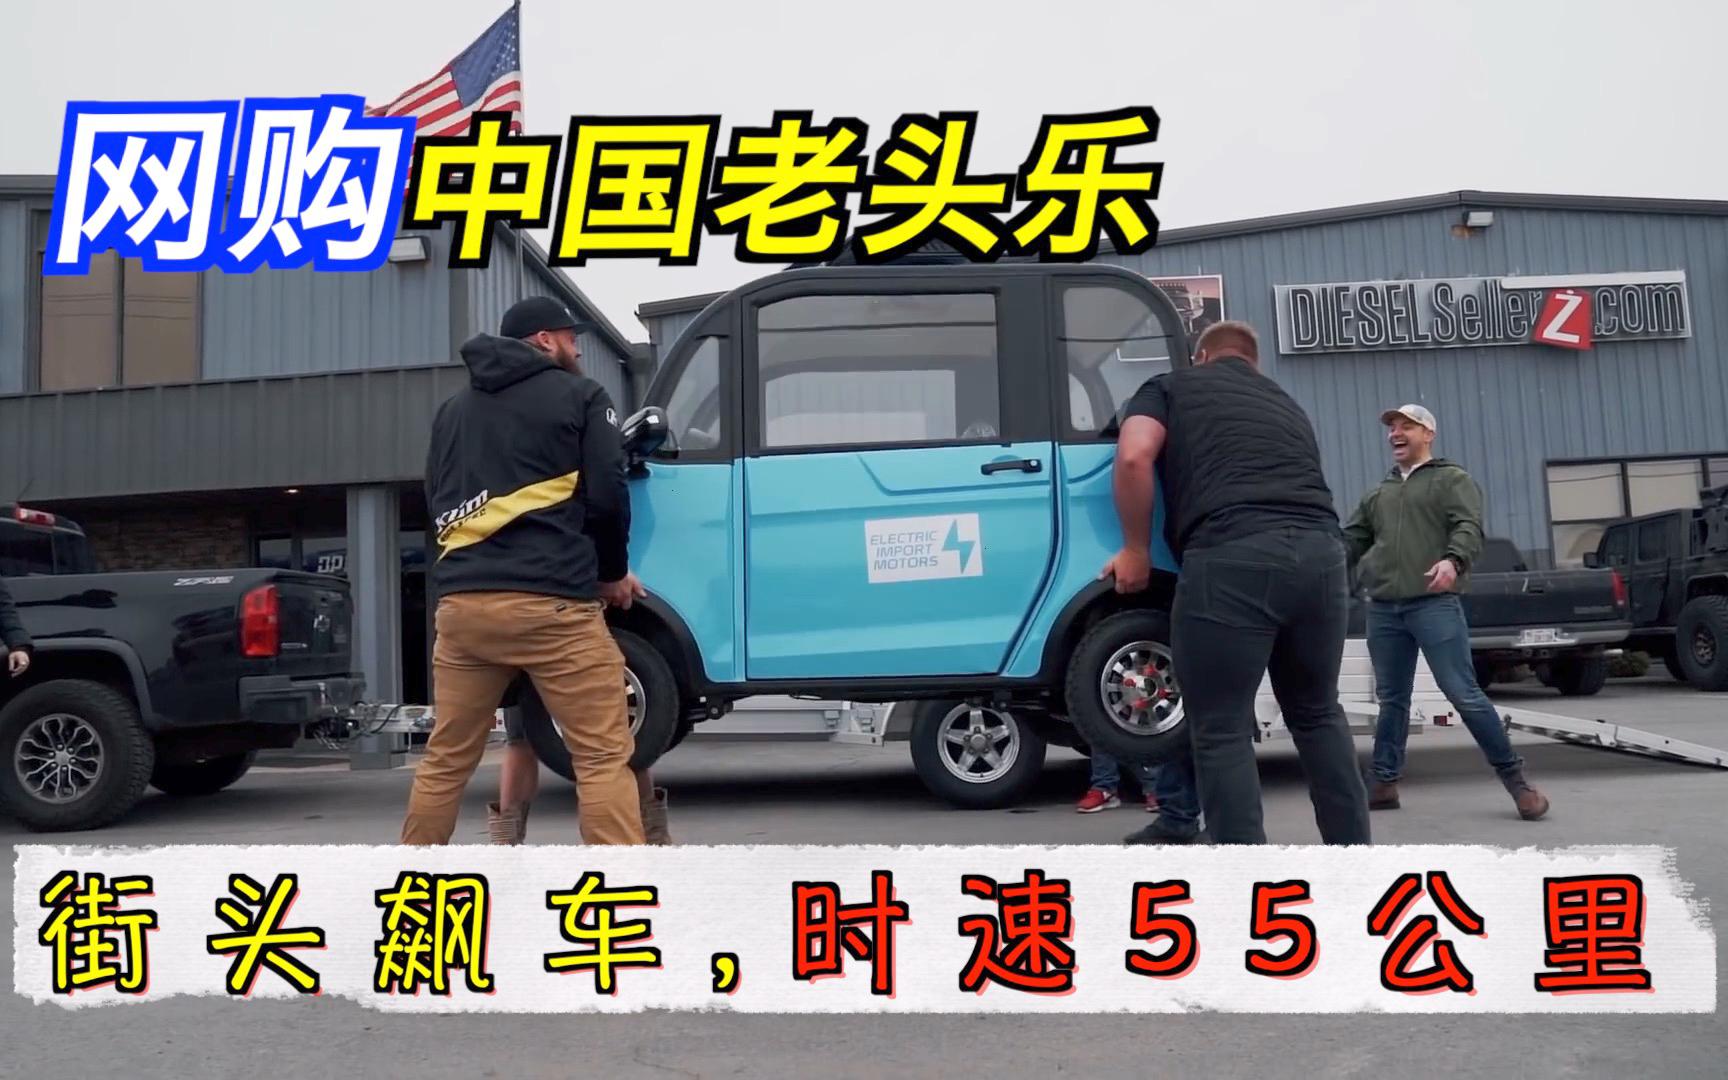 美国壮汉进口中国老年代步车,驰骋街头,时速被迫飙到55公里